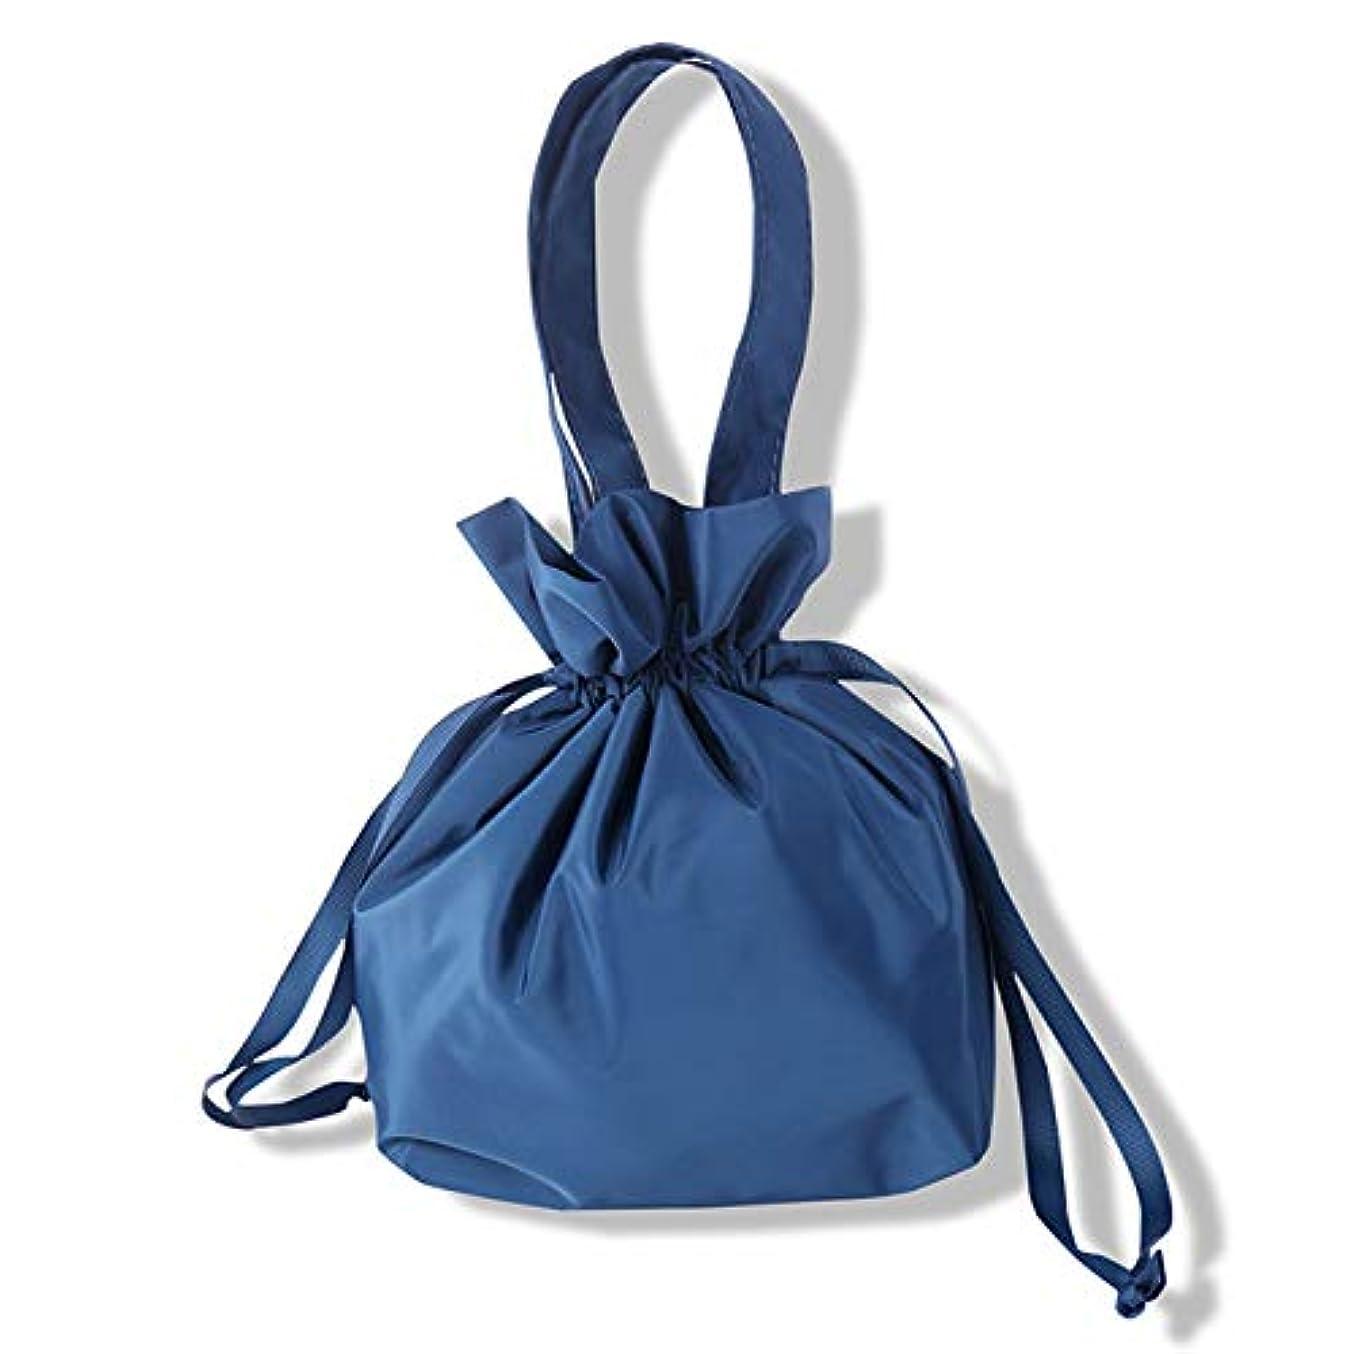 郊外ボイコットさておき化粧ポーチ トイレタリーバッグ トラベルポーチ メイクポーチ ミニ 財布 機能的 大容量 化粧品収納 小物入れ 普段使い 出張 旅行 メイク ブラシ バッグ 化粧バッグ